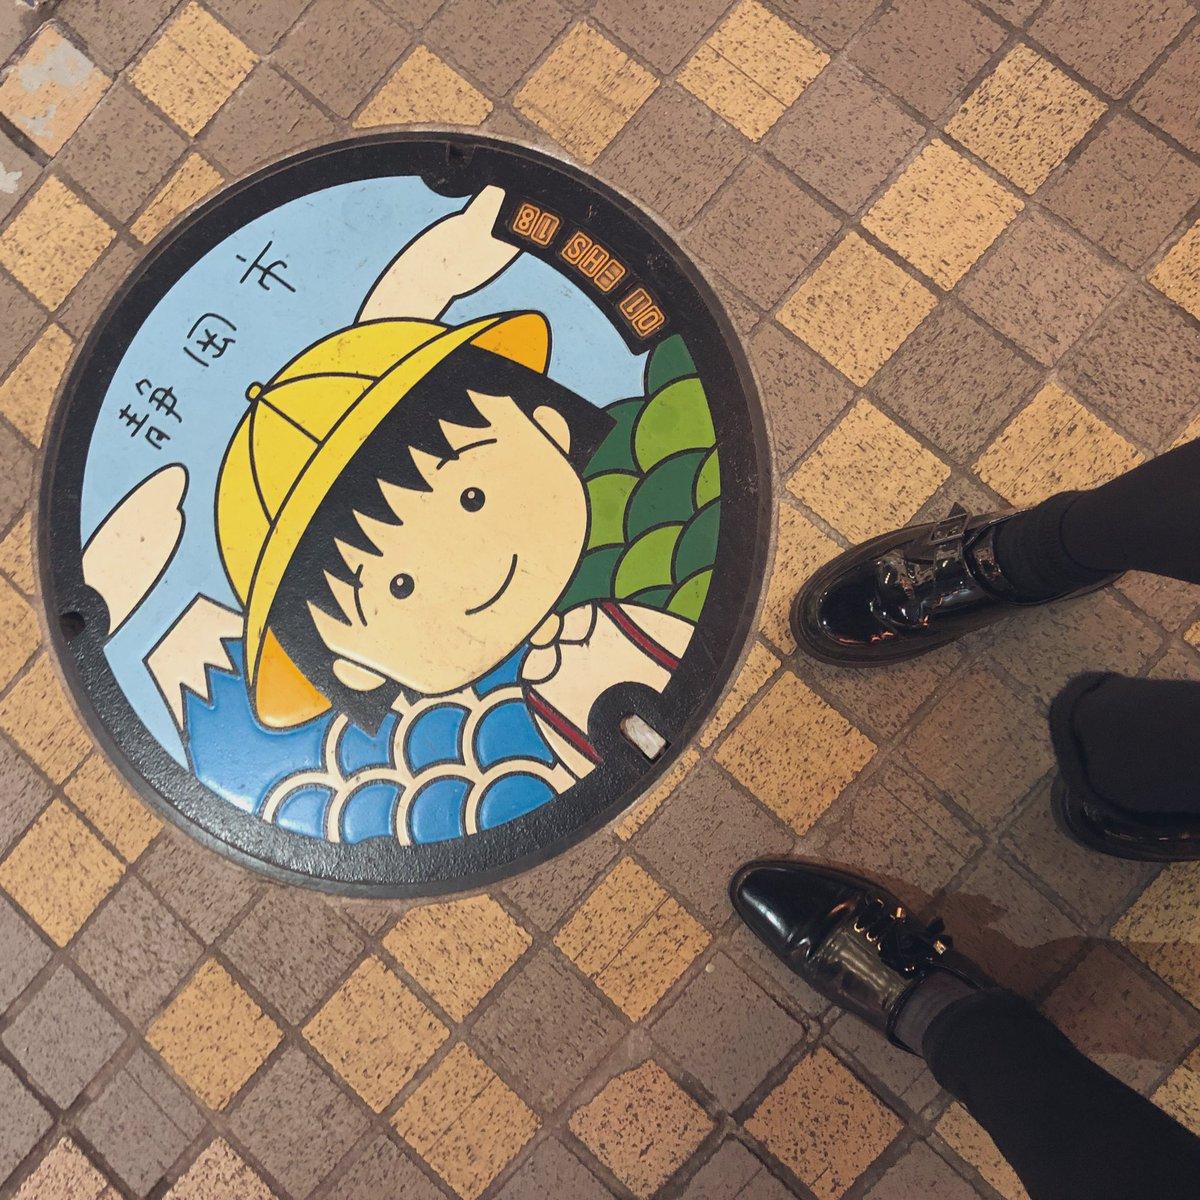 test ツイッターメディア - #ワイドナショー でマンホールが話題になってるけど…静岡でまる子ちゃんマンホール見つけた時テンション上がった🥺💓 もう一種類あるみたいだけどまだ見たことない!!!どこにあるんだろうか🤔 みんなもお洒落なマンホール見つけたことある? #ちびまる子ちゃん https://t.co/Z3i0fgu9kW